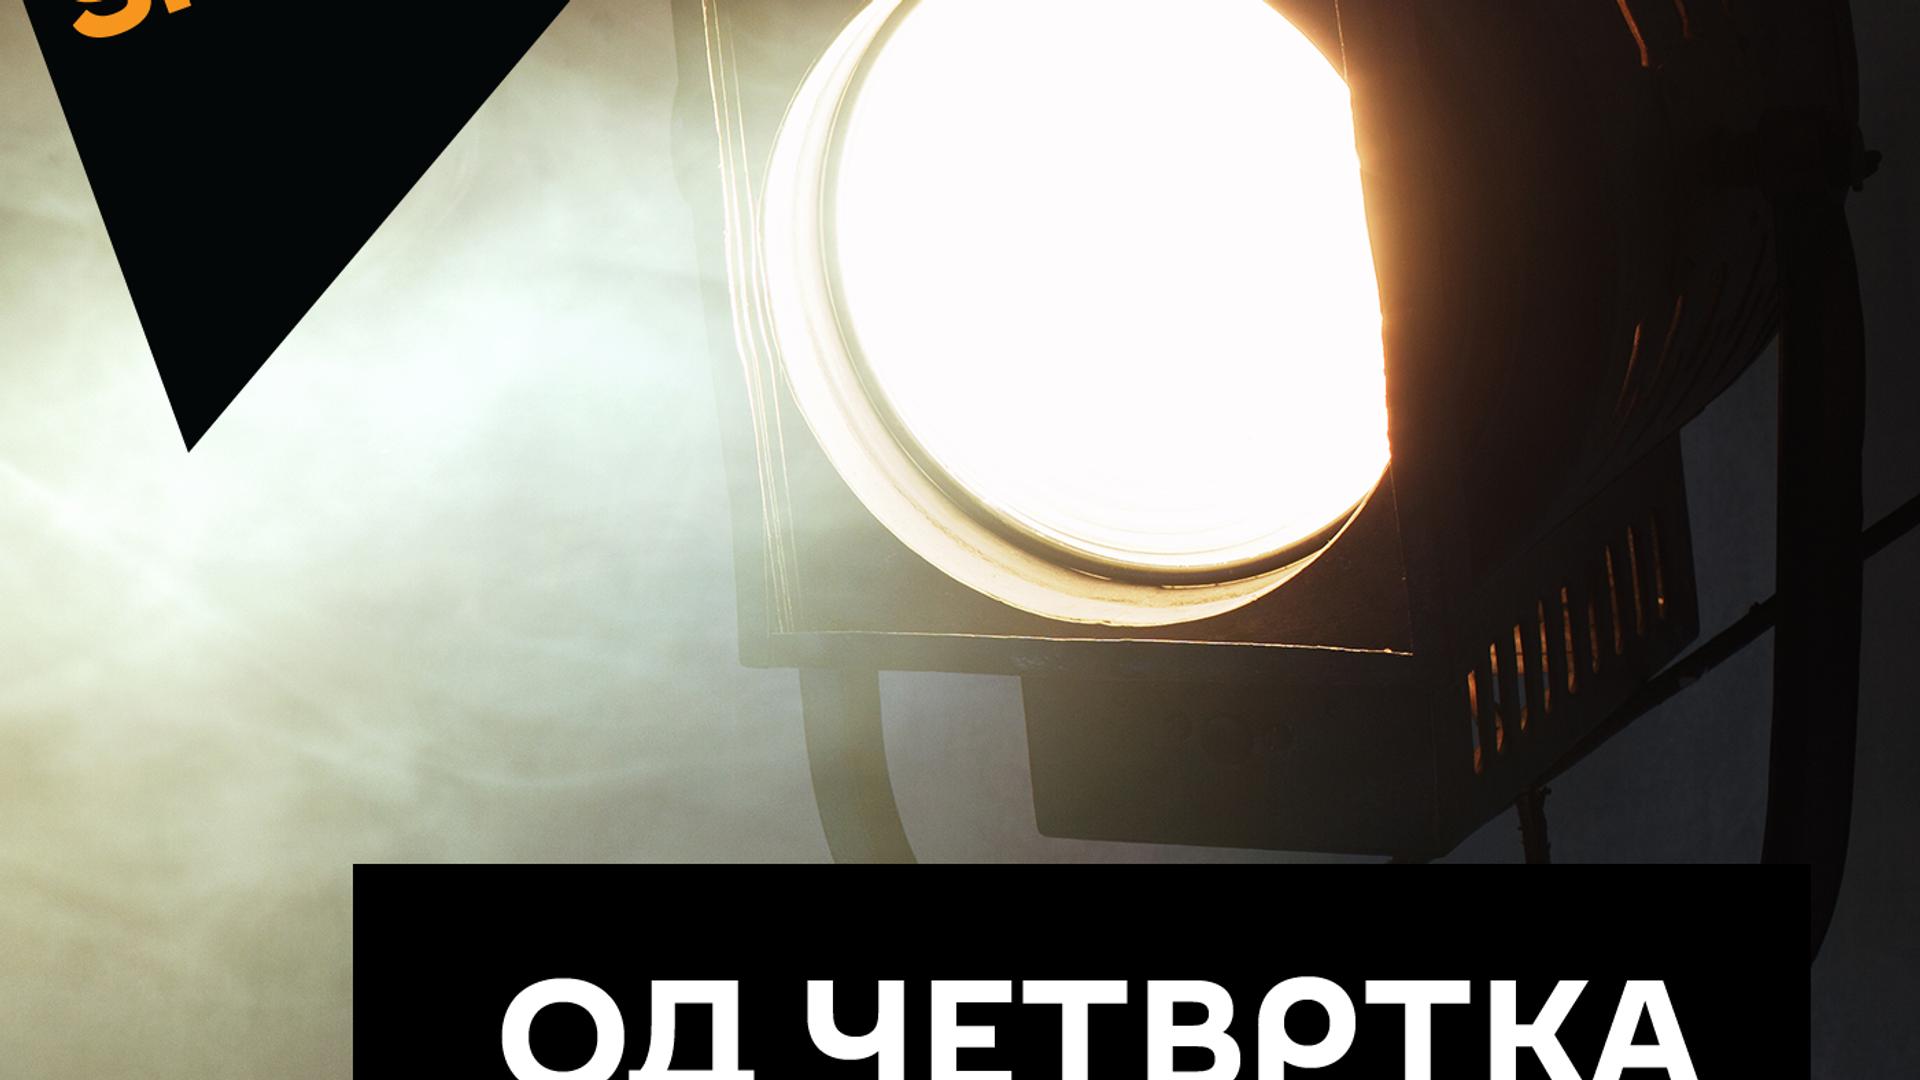 Od četvrtka do četvrtka - Sputnik Srbija, 1920, 24.06.2021